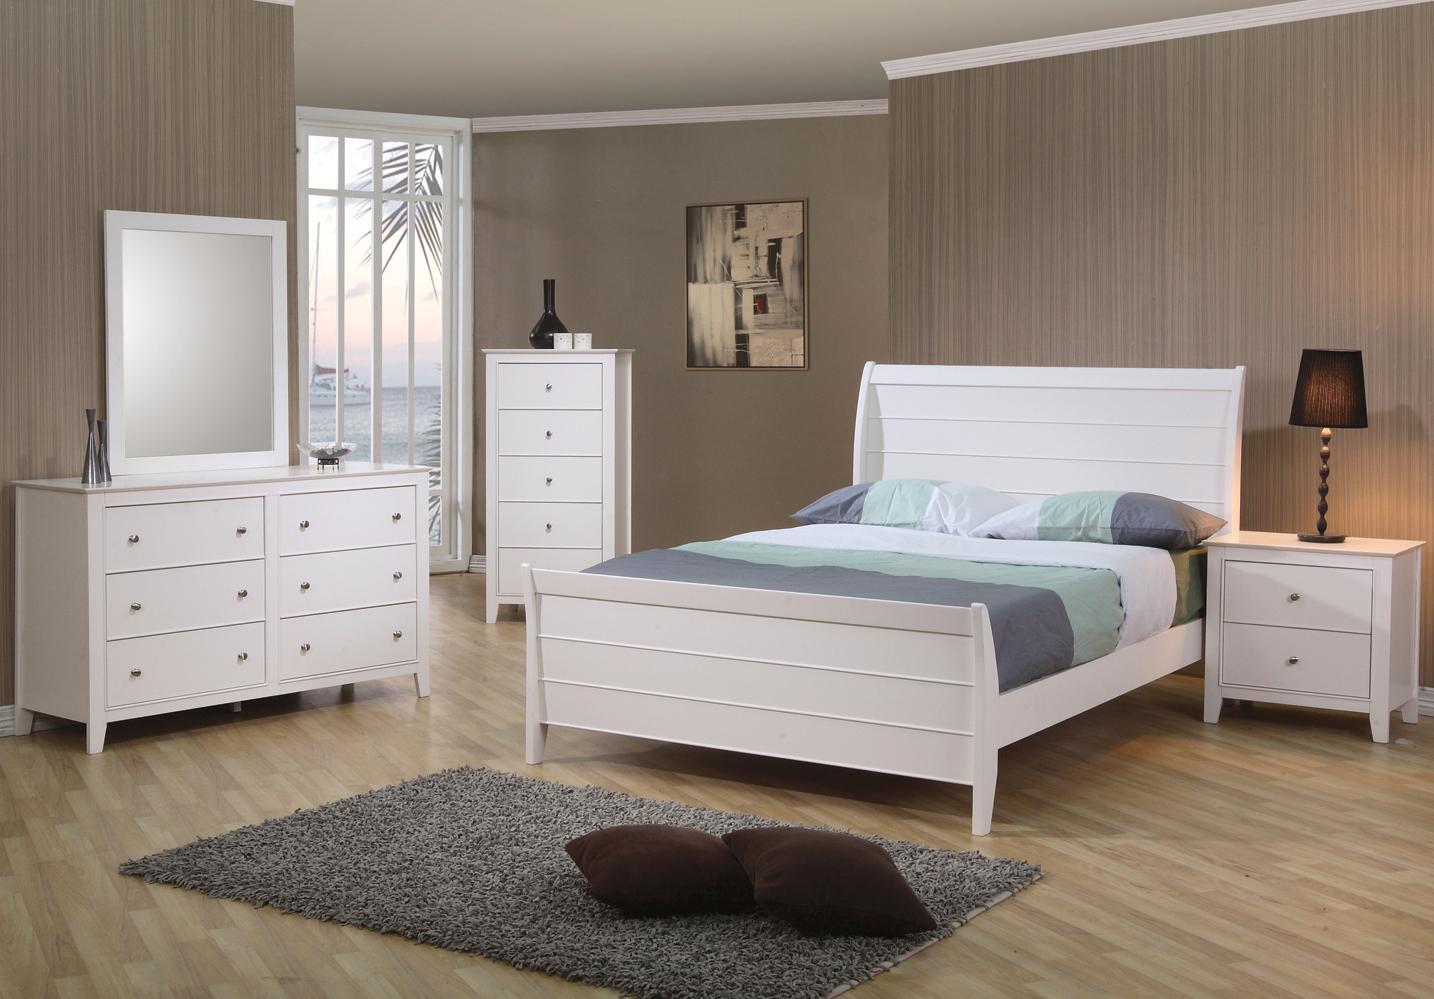 Bedroom Sets Portland Or coaster furniture - selena bedroom set | broadway furniture